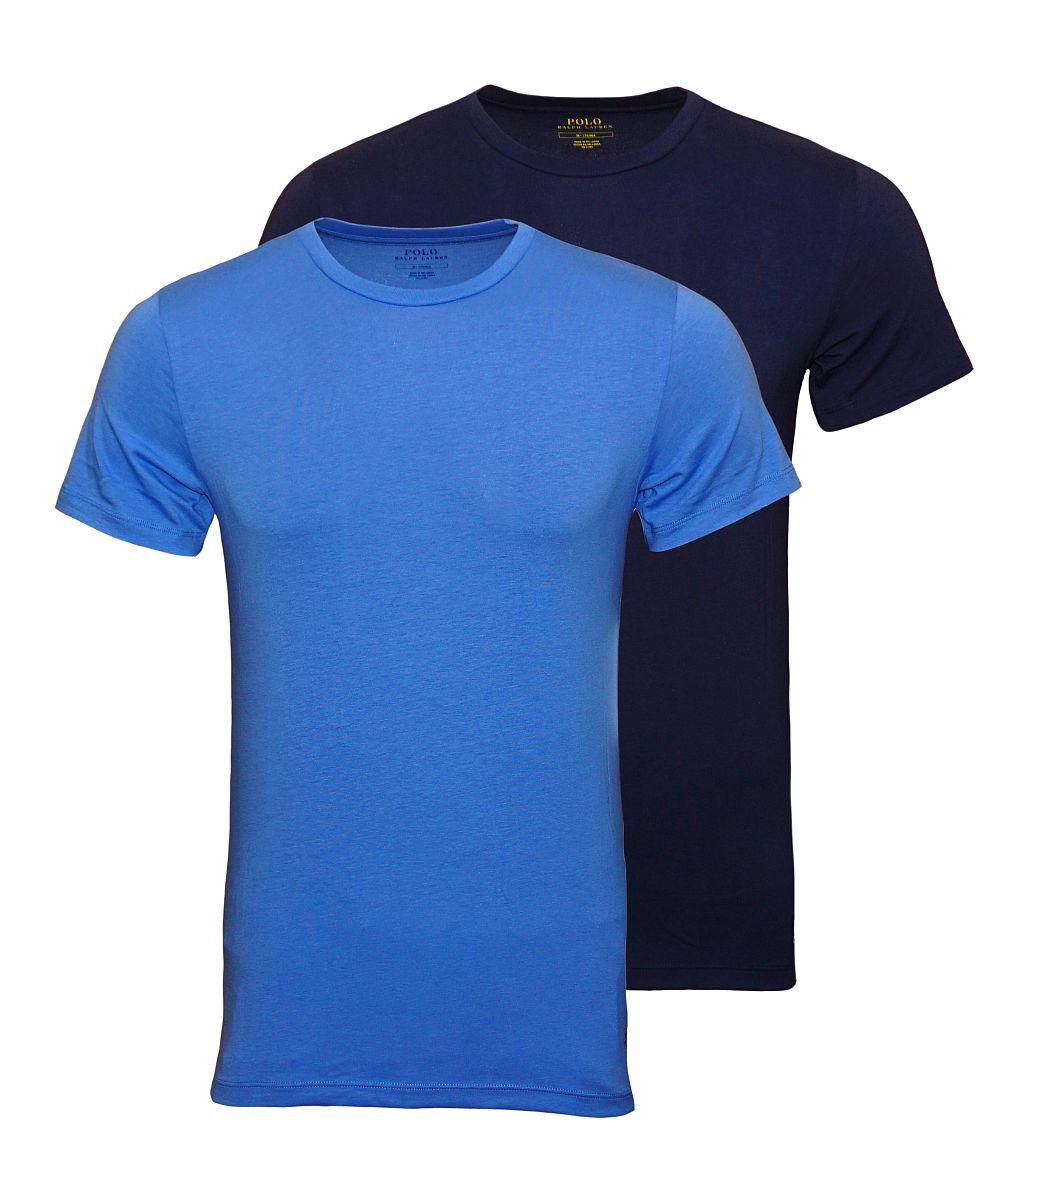 Ralph Lauren 2er Pack T-Shirts Rundhals NAVY/AERIAL BLUE W18-RLH1